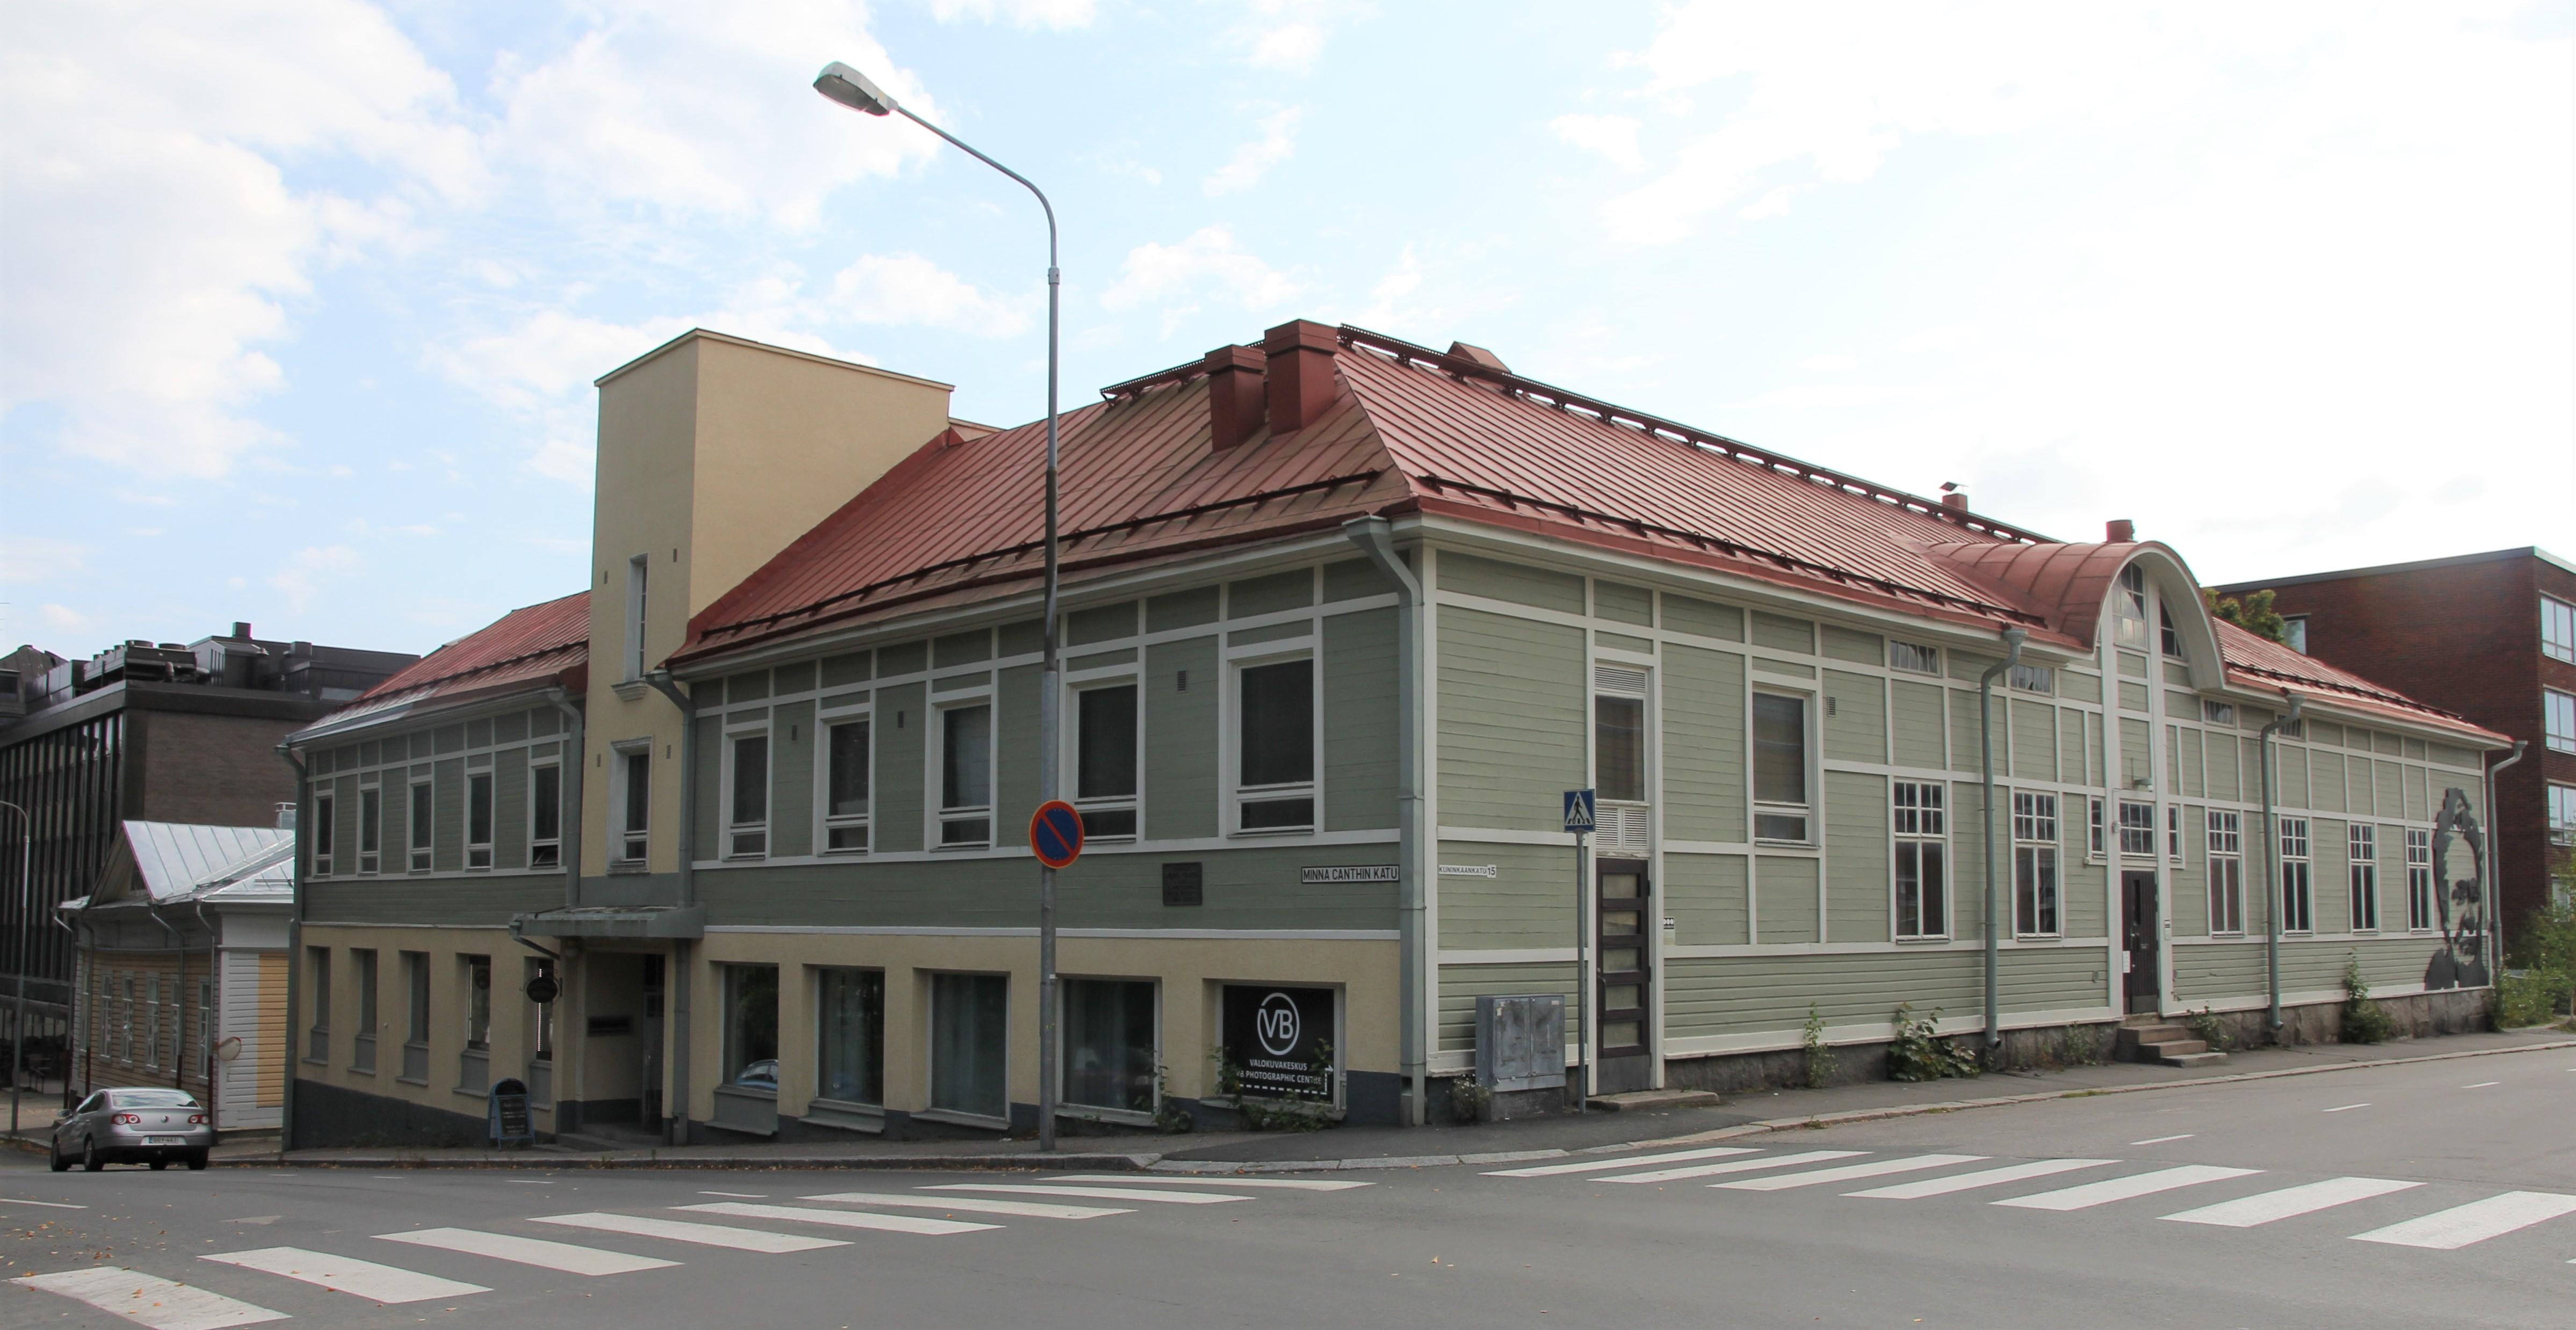 Kanttila - Minna Canthin katu 22 - Kuopio.jpg